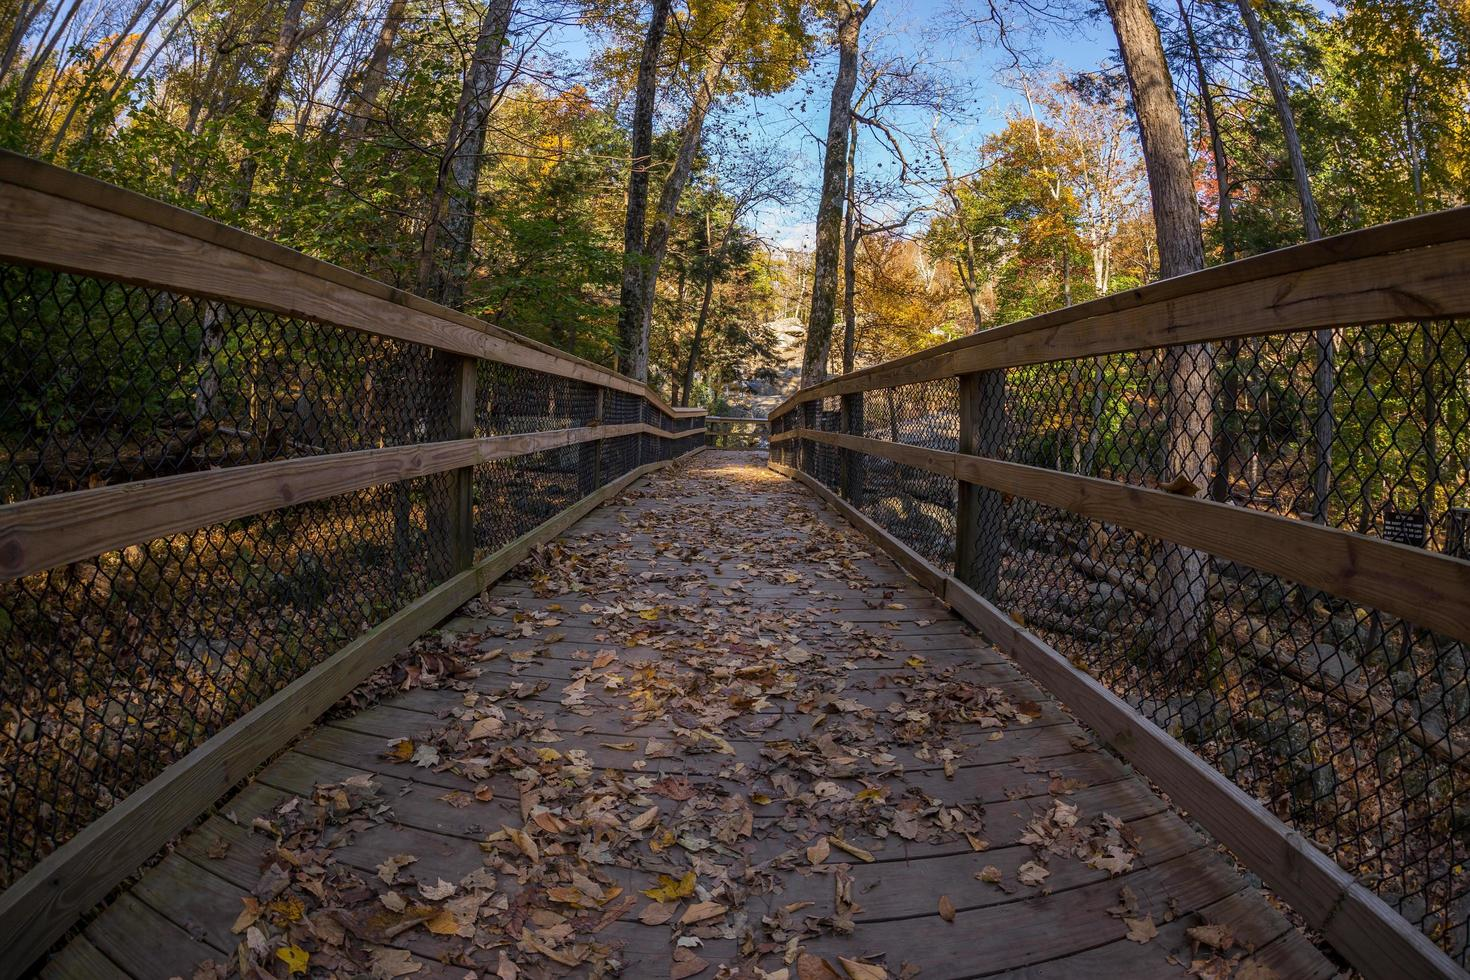 sentiero di passerella in legno in una foresta foto